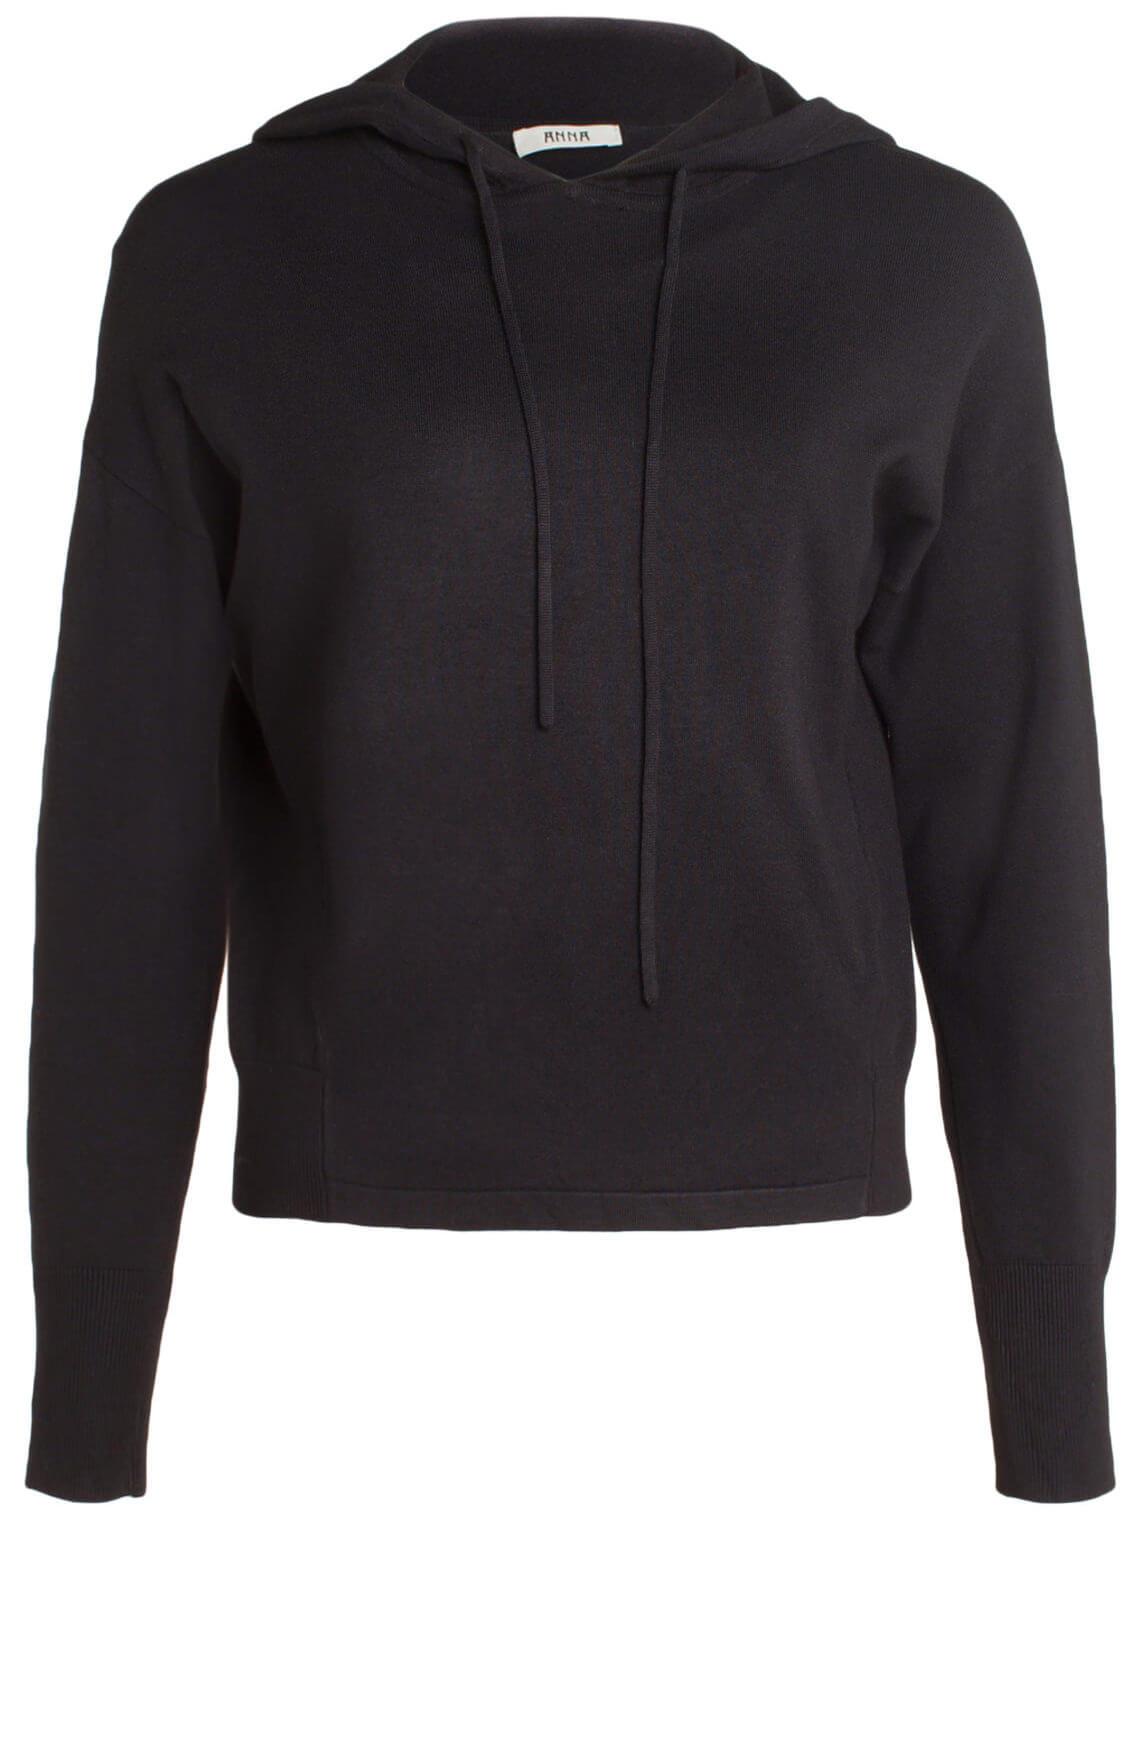 Anna Dames Sweater met capuchon zwart